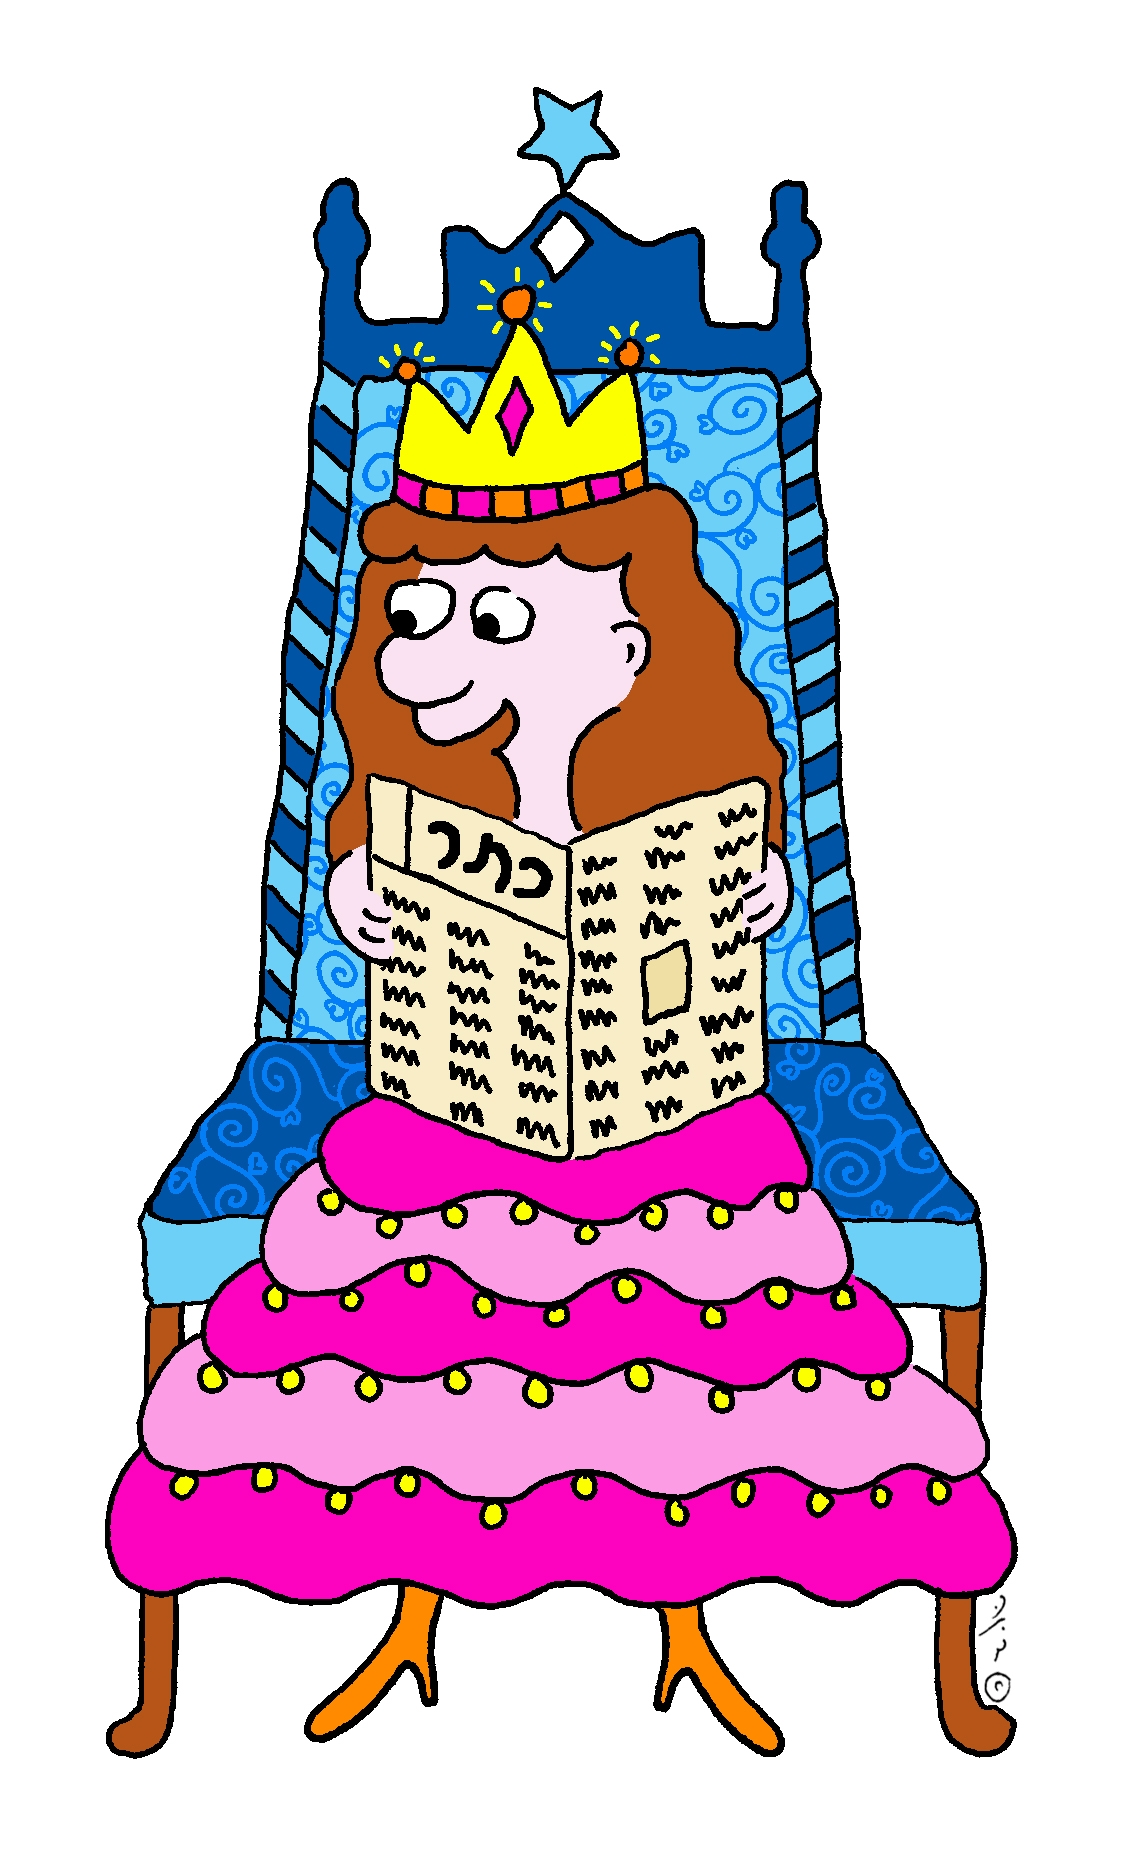 איור של מלכה יושבת על כס וקוראת דך נייר ועליו המילה כתר